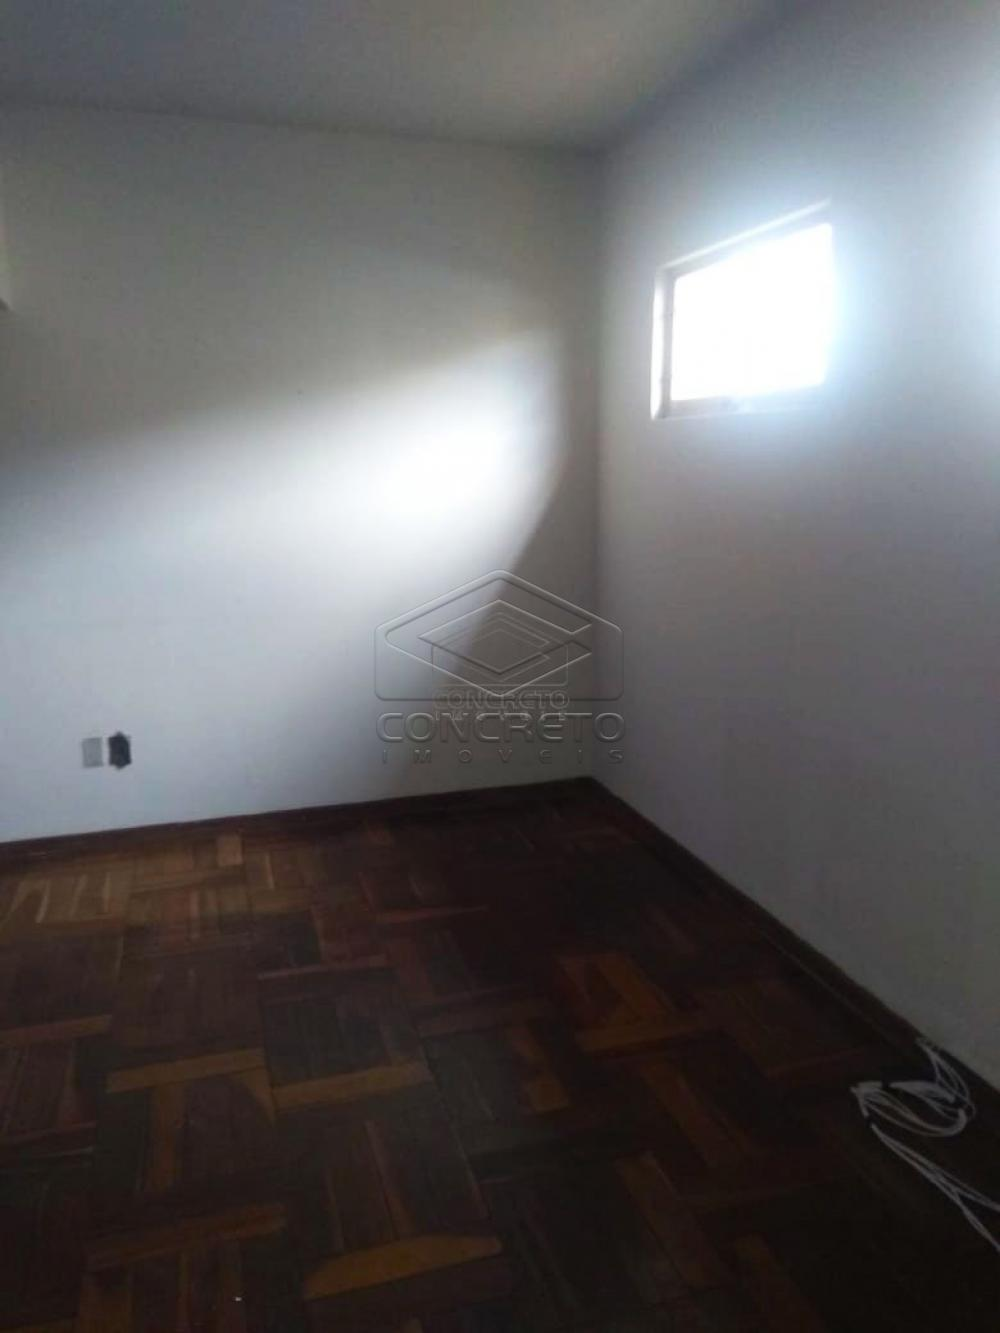 Comprar Casa / Padrão em Sao Manuel apenas R$ 350.000,00 - Foto 11